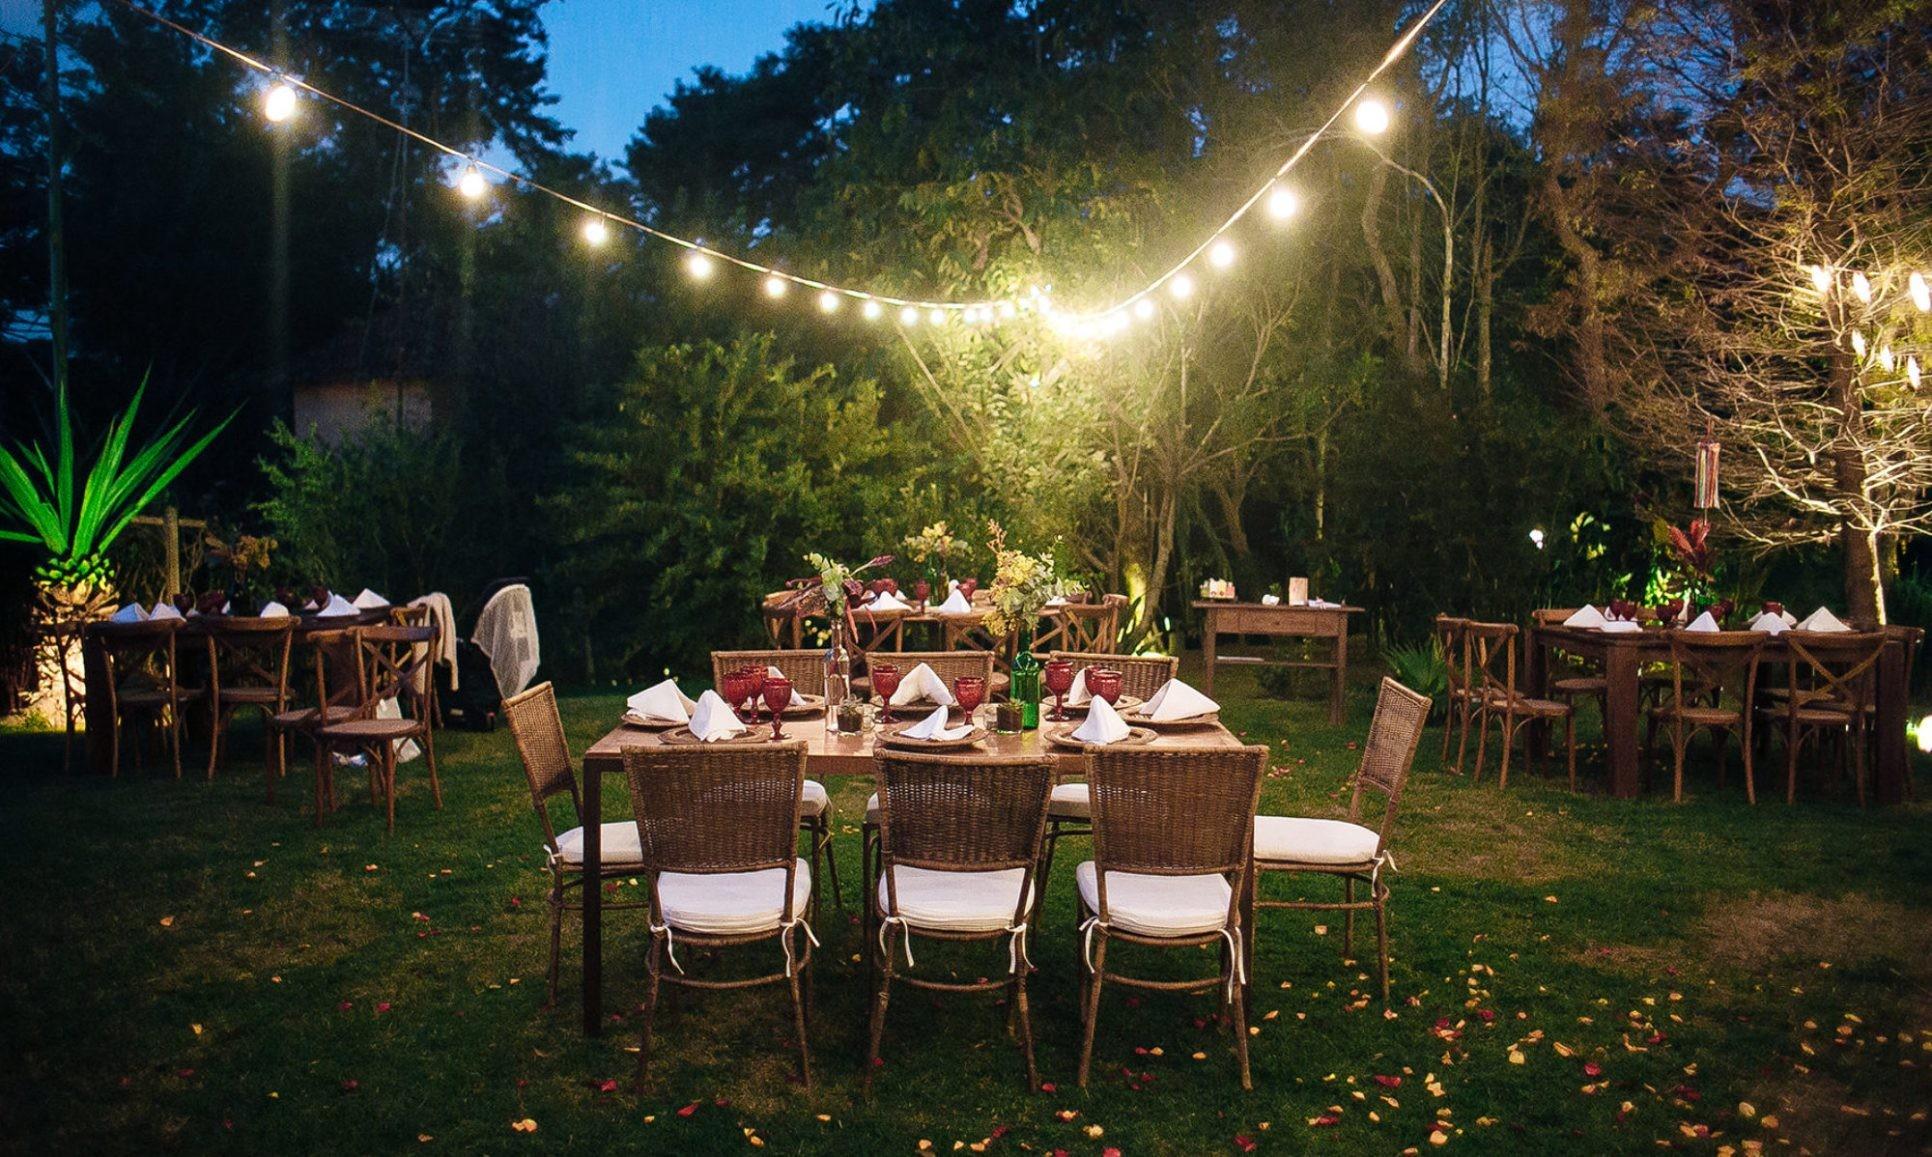 Decoração ao ar livre para casamento com luzes suspensas